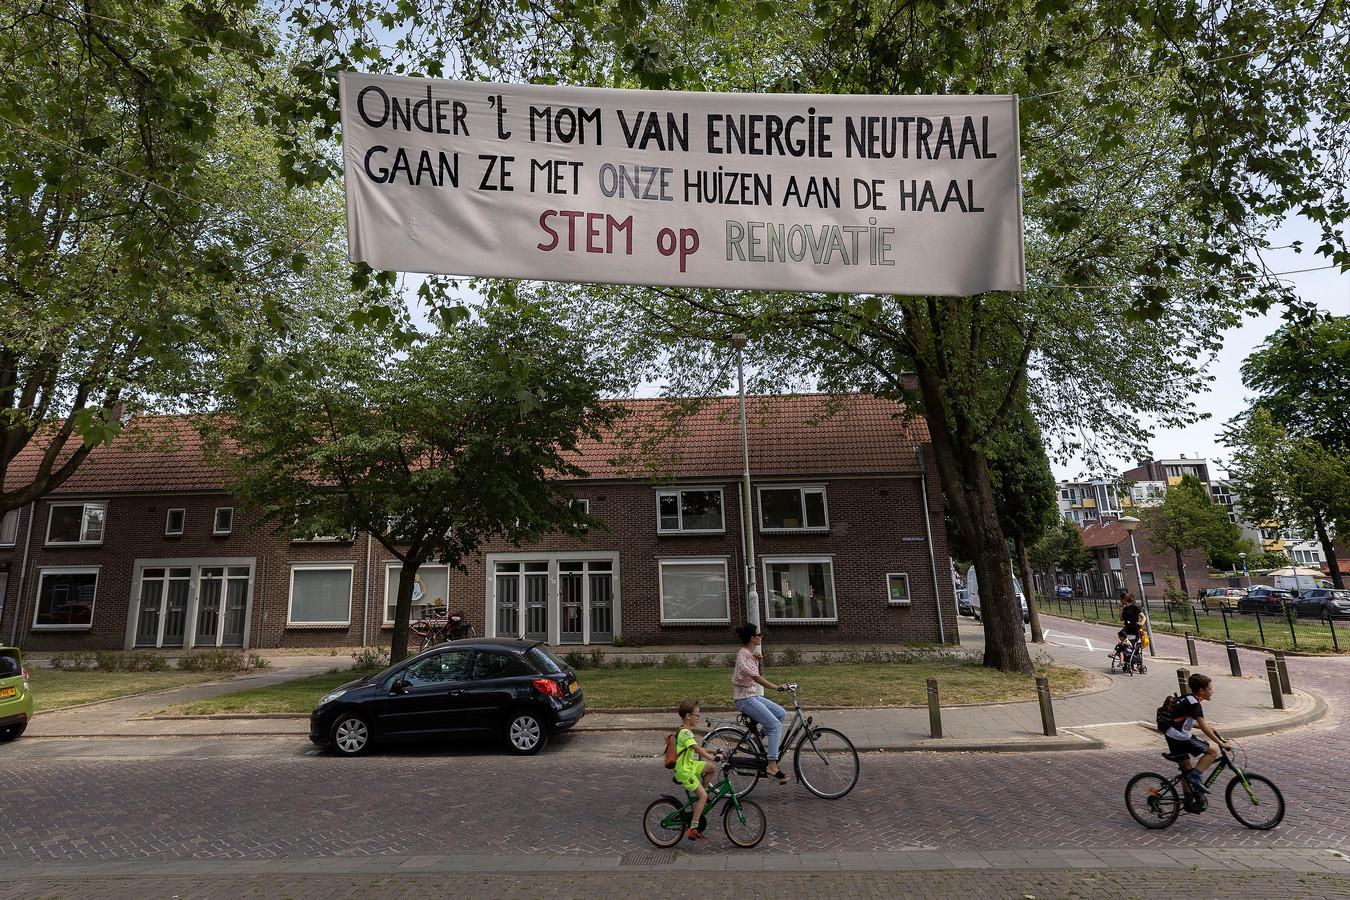 In de Gildebuurt in Eindhoven moeten bewoners kiezen tussen renoveren en sloop nieuwbouw. Dit spandoek tussen bomen op pleintje Bakkerstraat/Verwerstraat pleit voor renovatie.